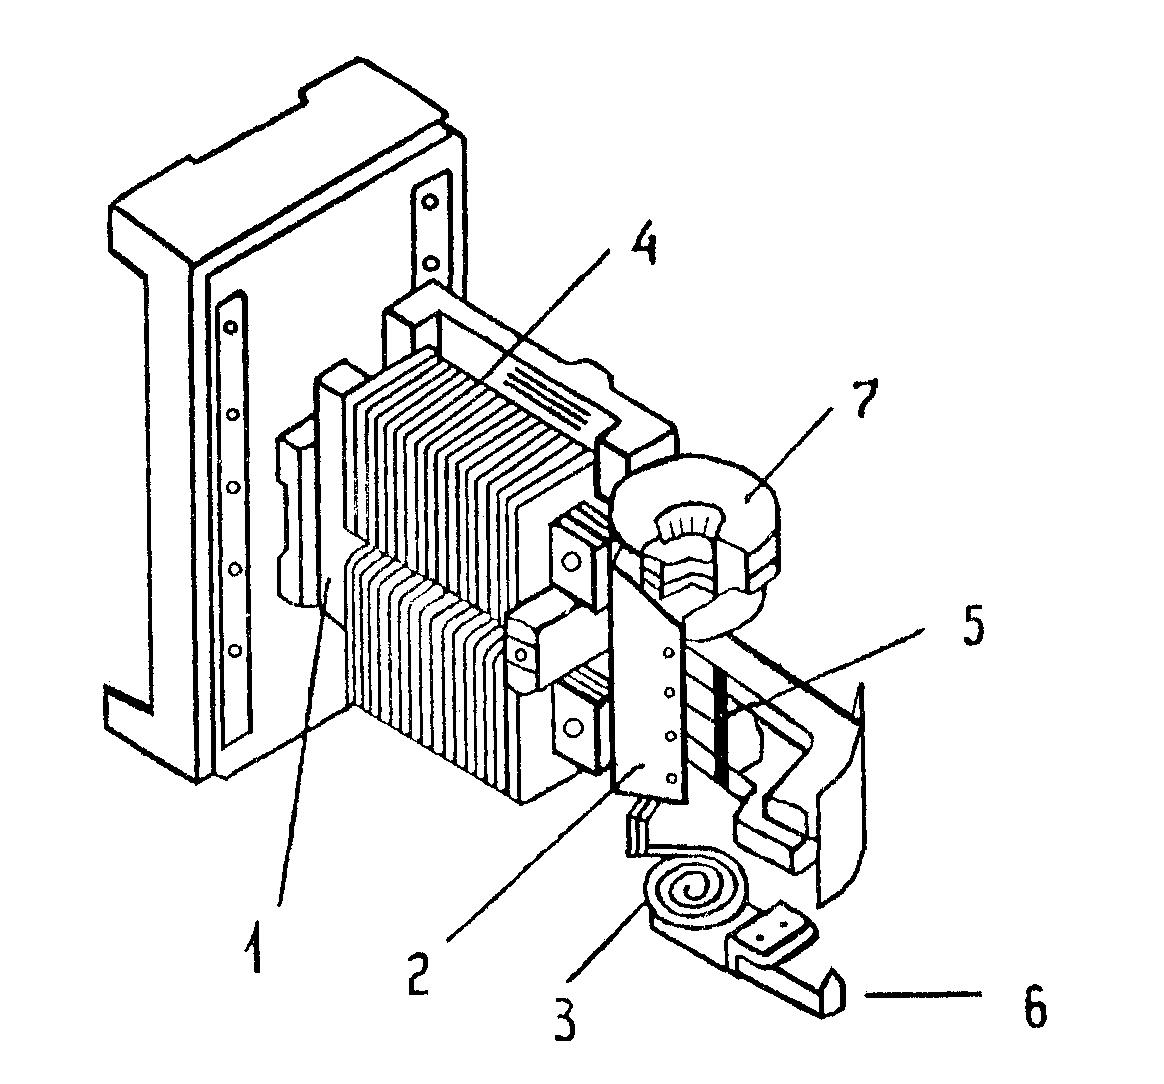 Реле контроля тока рт-40 у контроль тока от 0 до бесконечности (при использовании трансформатора тока) | электротехническая компания меандр